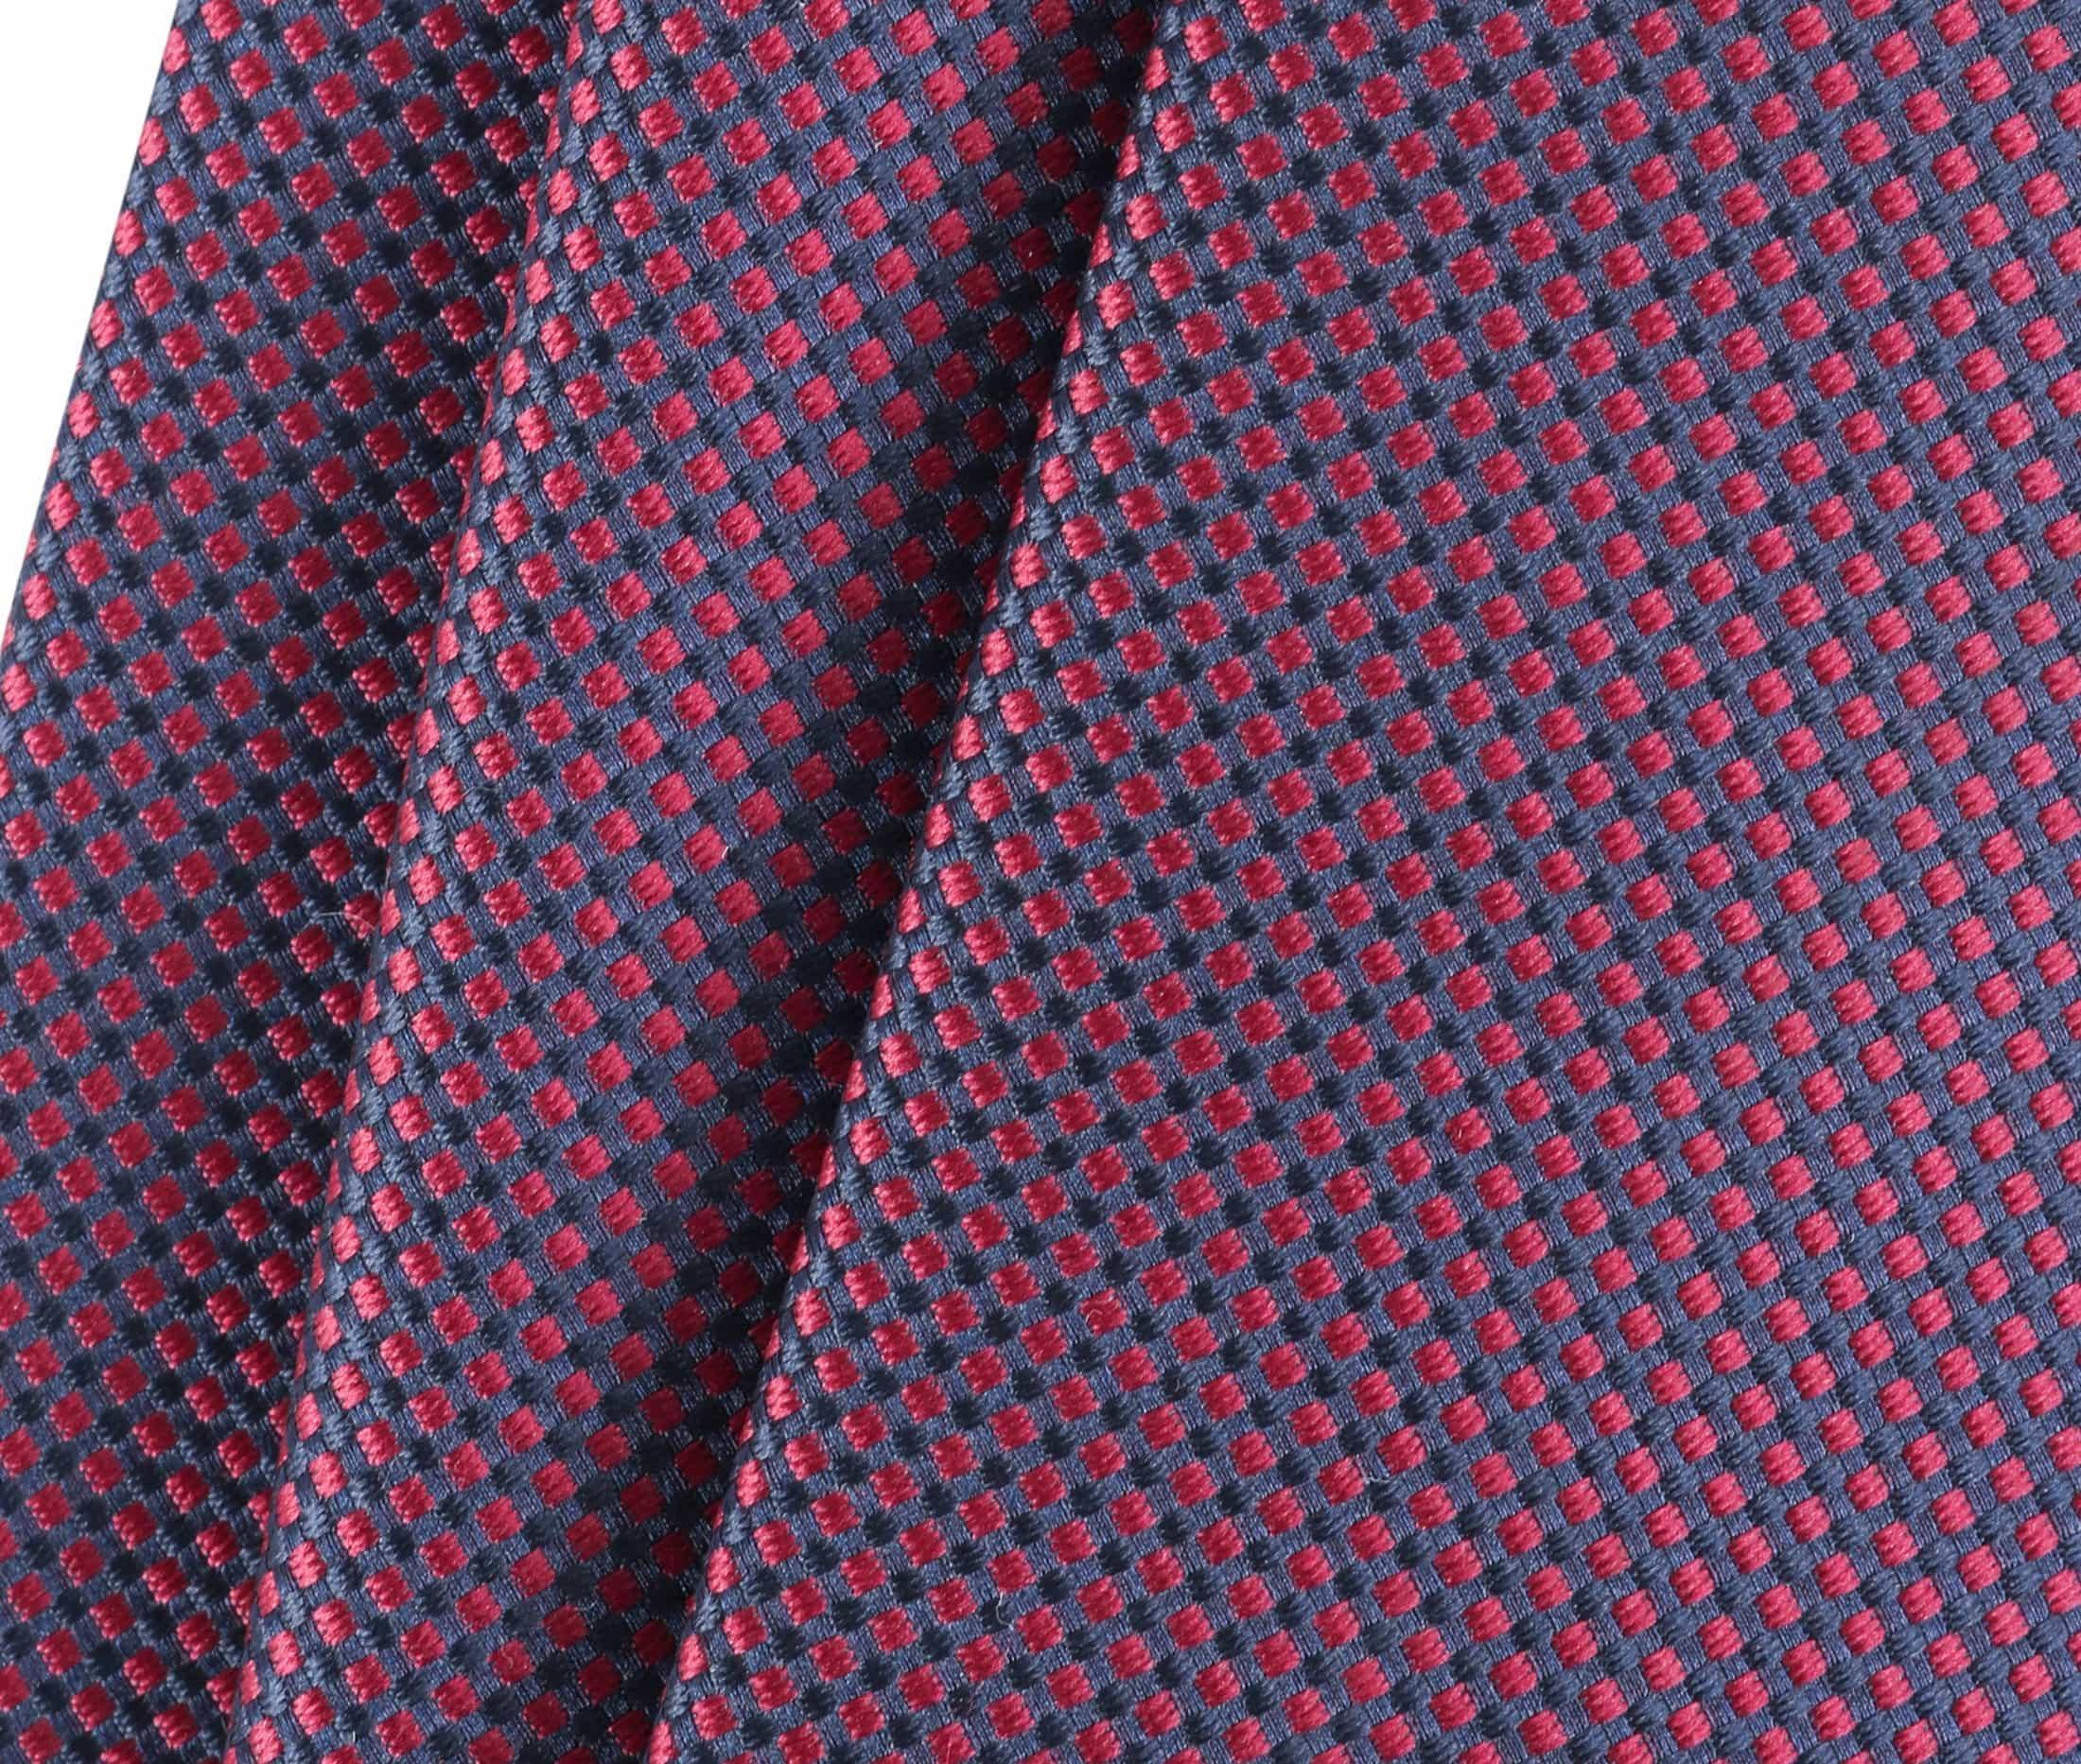 Krawatte Seide Karo Bordeaux 9-17 foto 2